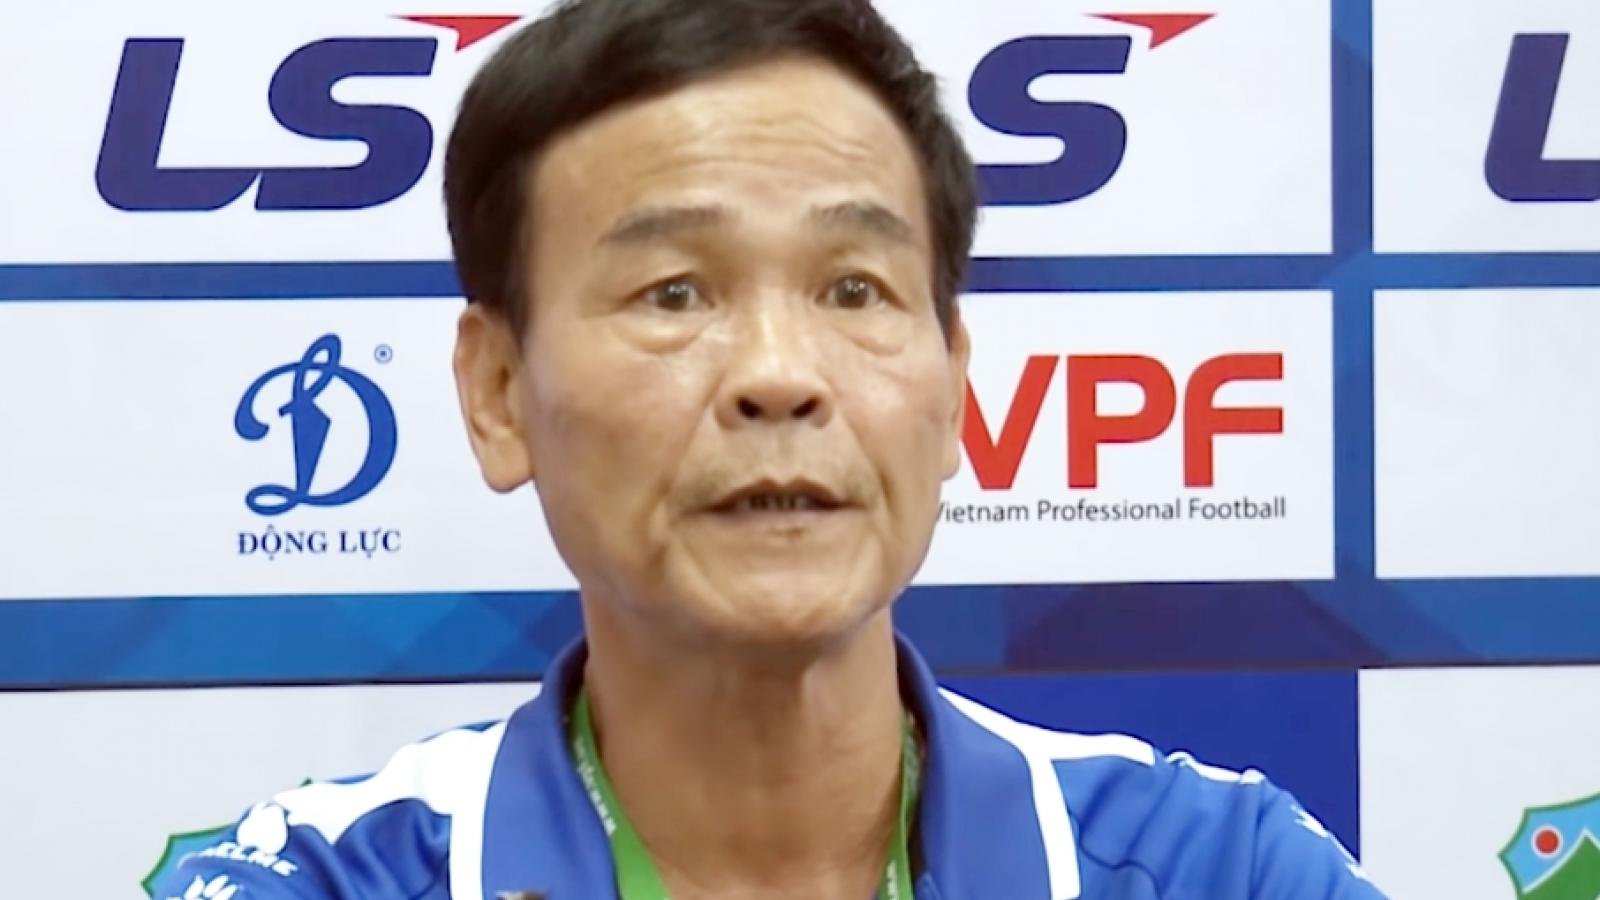 Nam Định thua HAGL vì bị trọng tài thổi bất lợi?